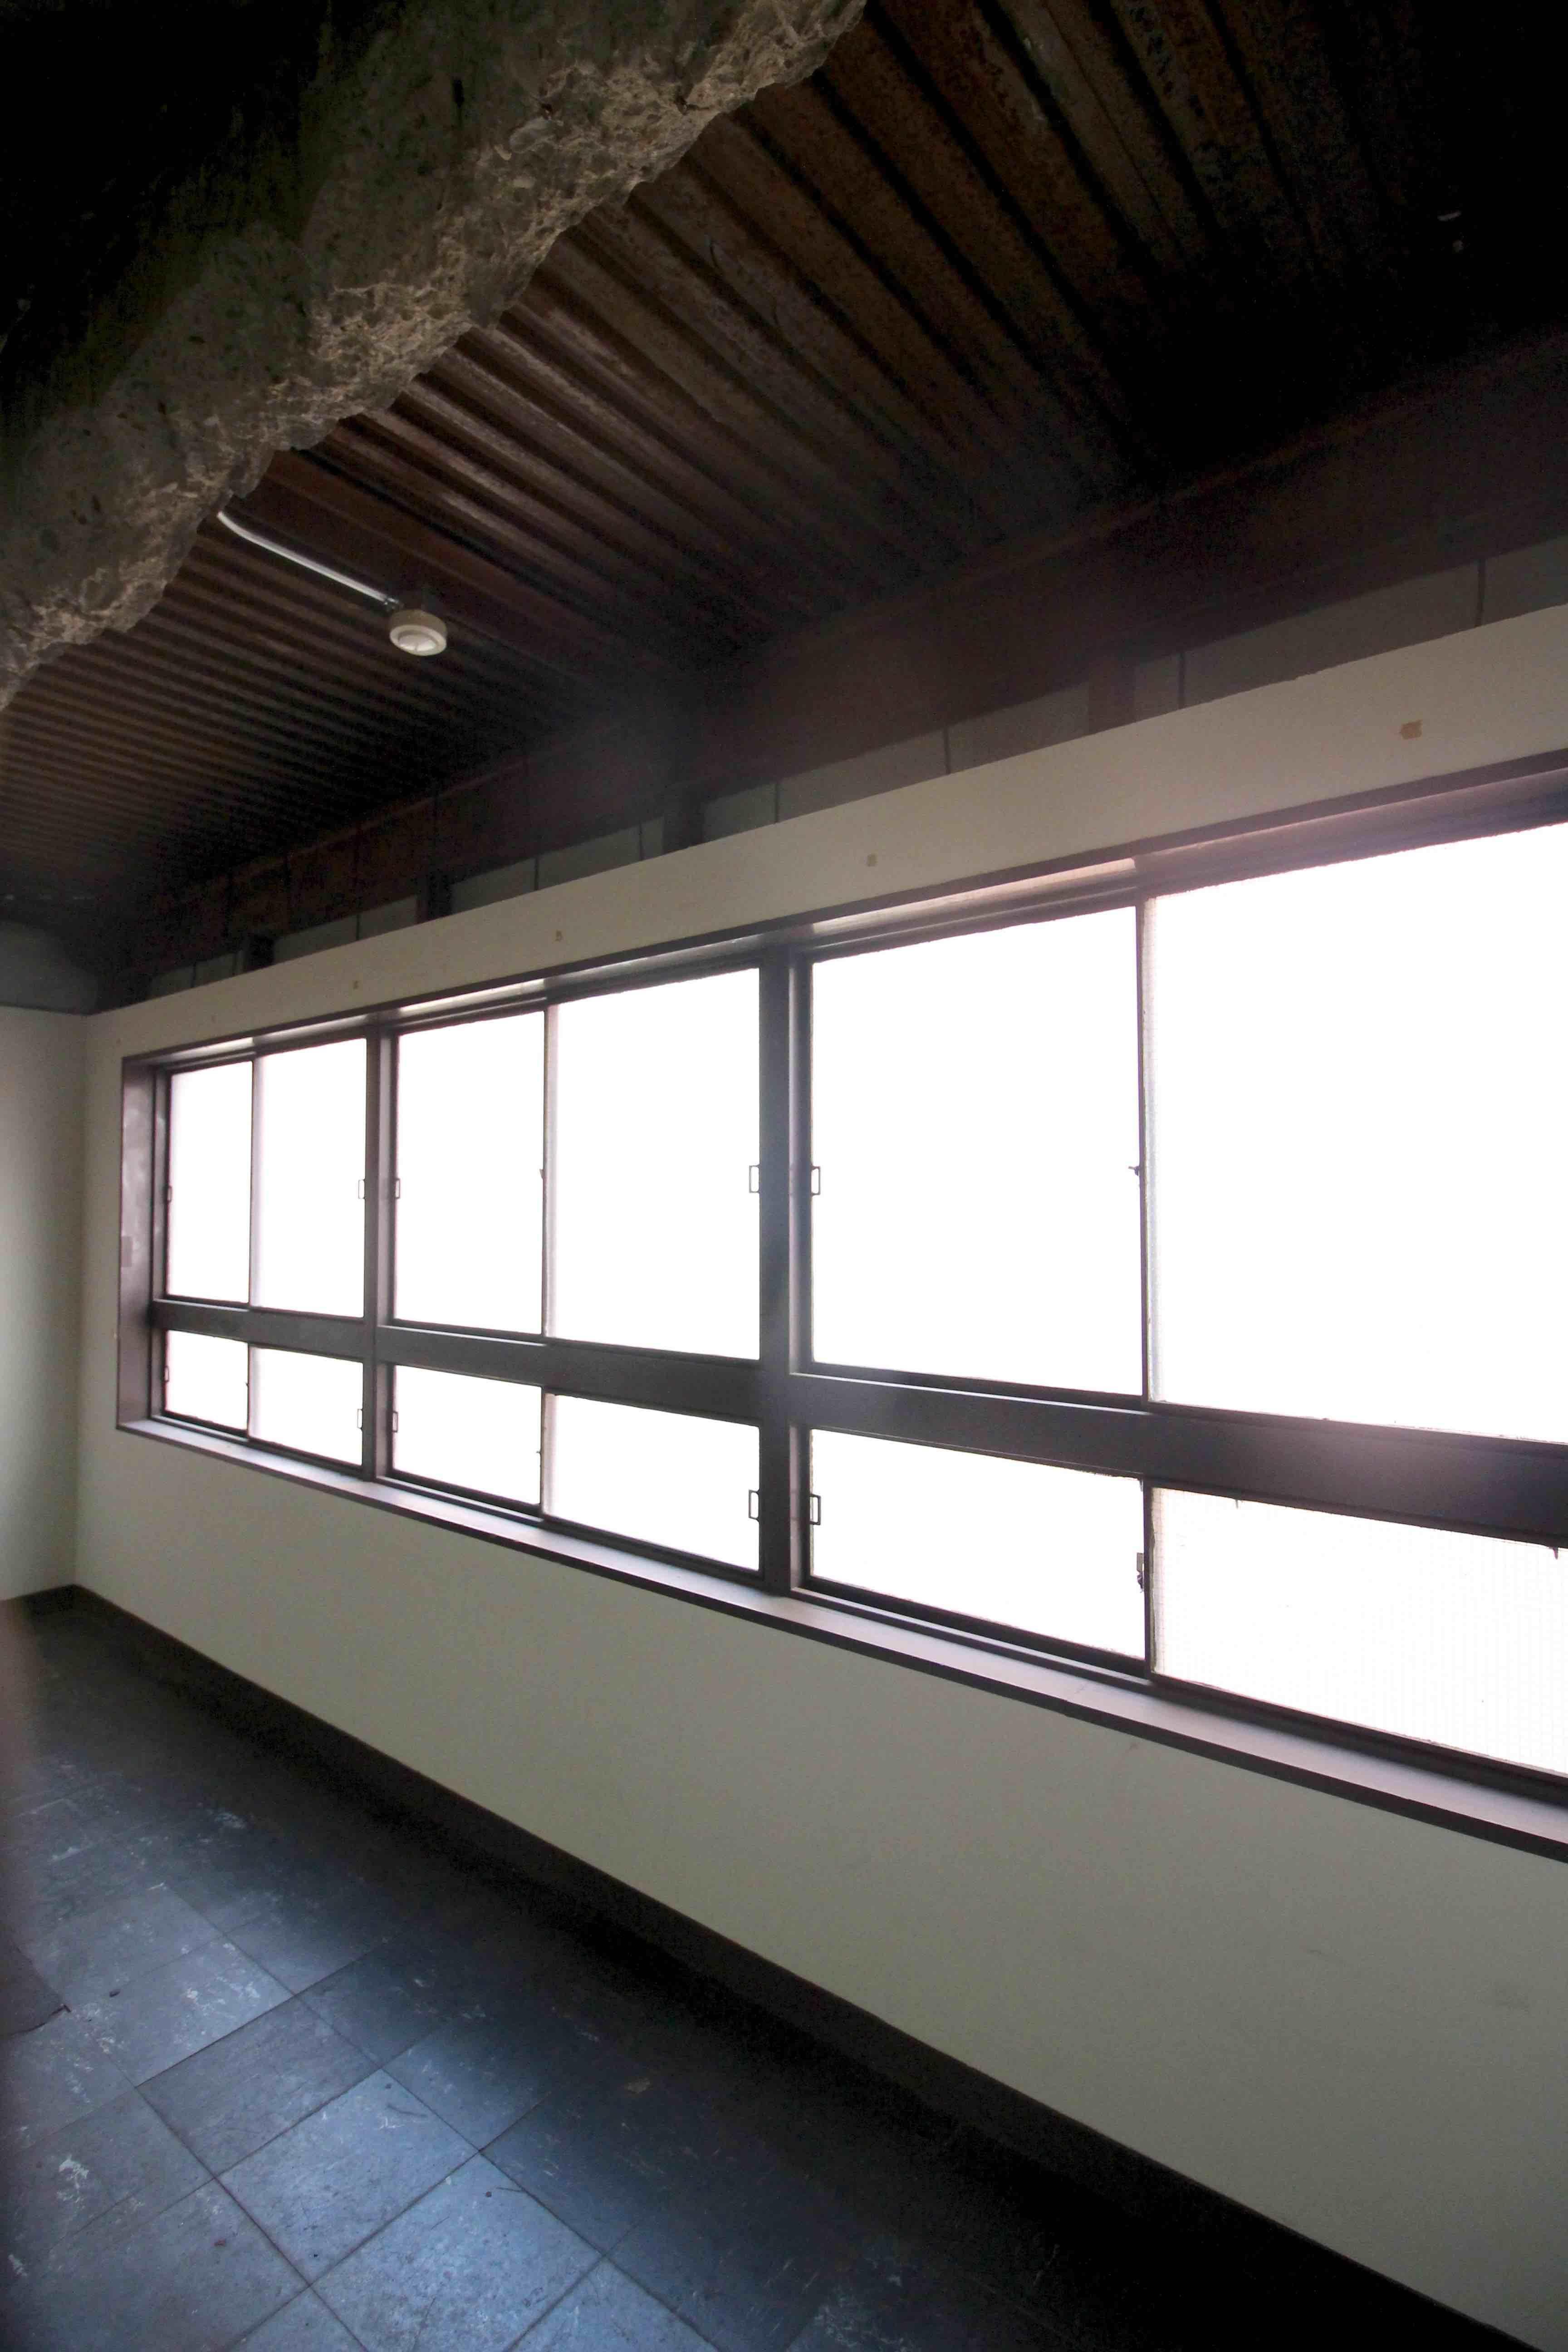 レトロな鉄窓から柔らかな光が差し込む